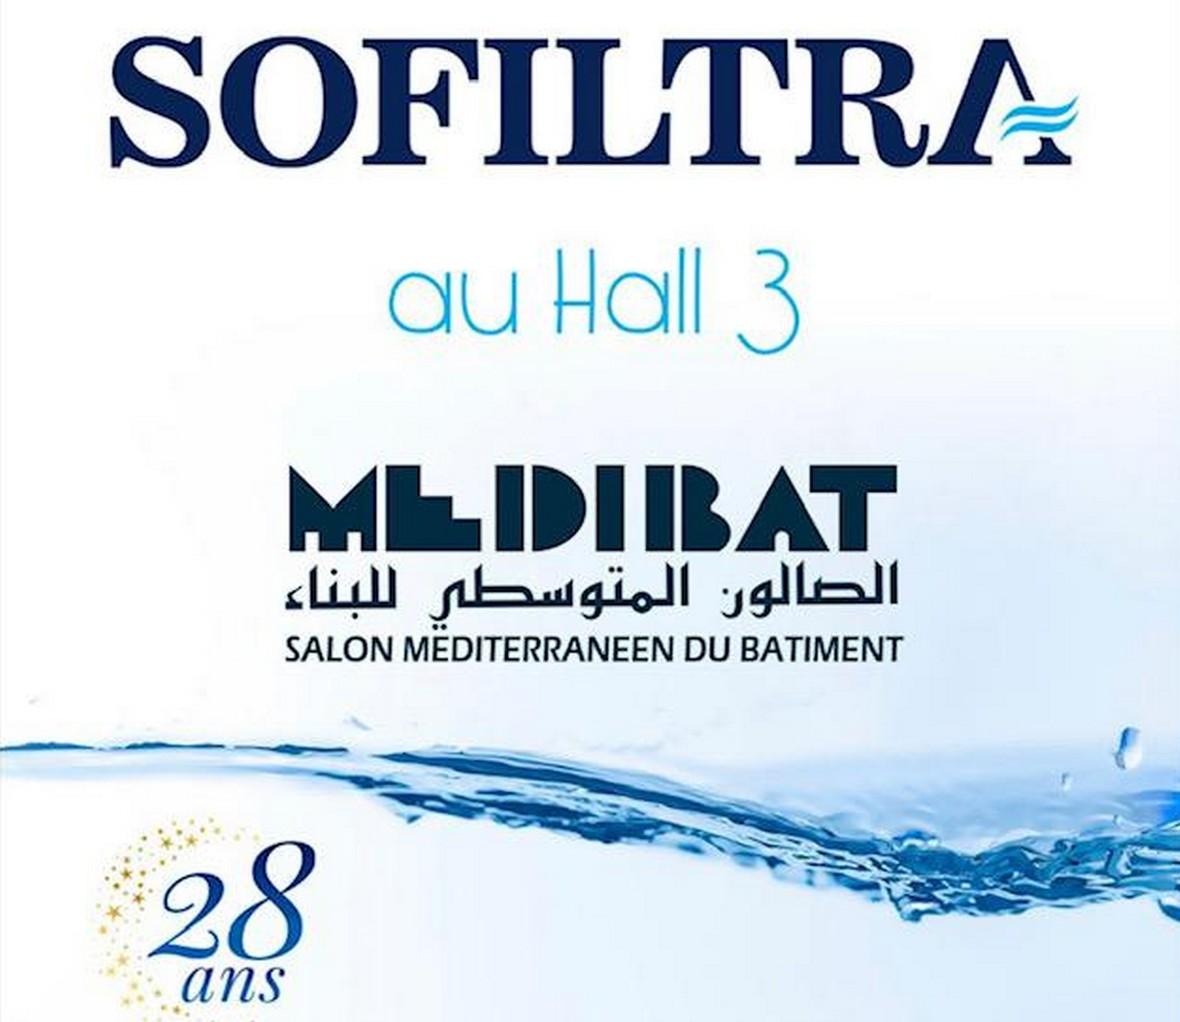 شركة SOFILTRA الرائدة في تصفية وتحلية المياه، تدعوكم لزيارة جناحها في ميديبات